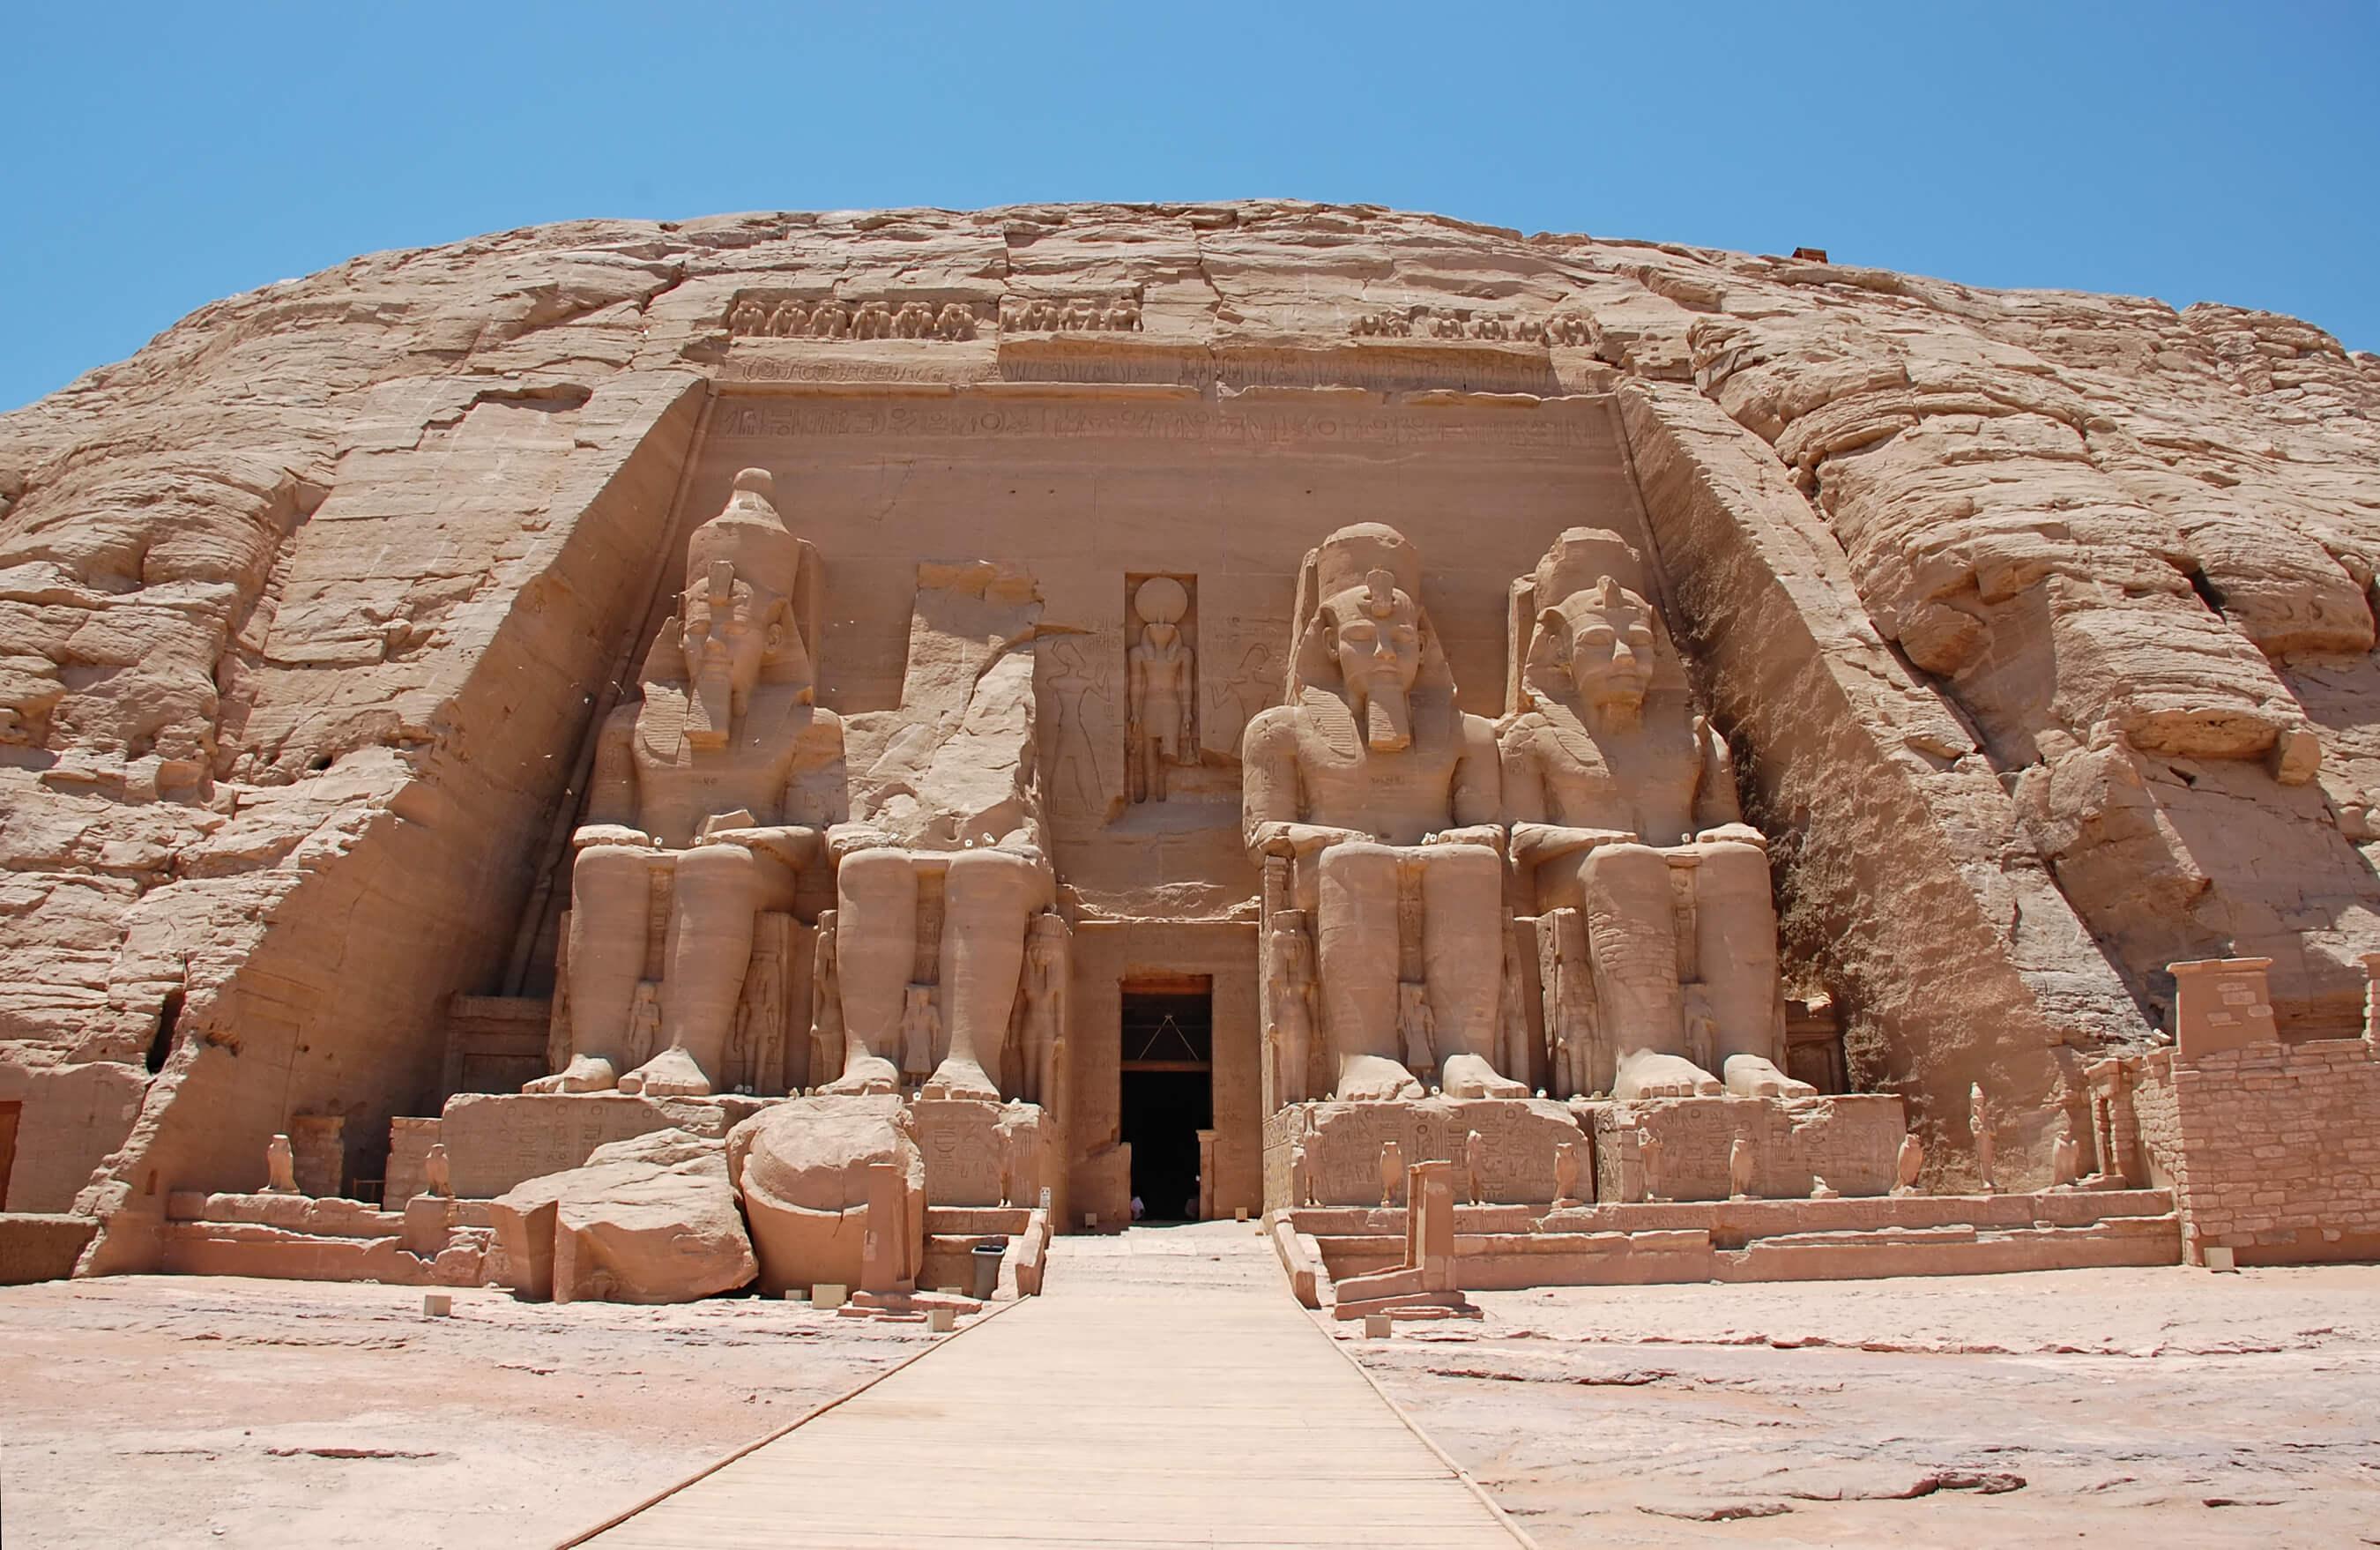 Vacaciones en Egipto Abu Simbel baja